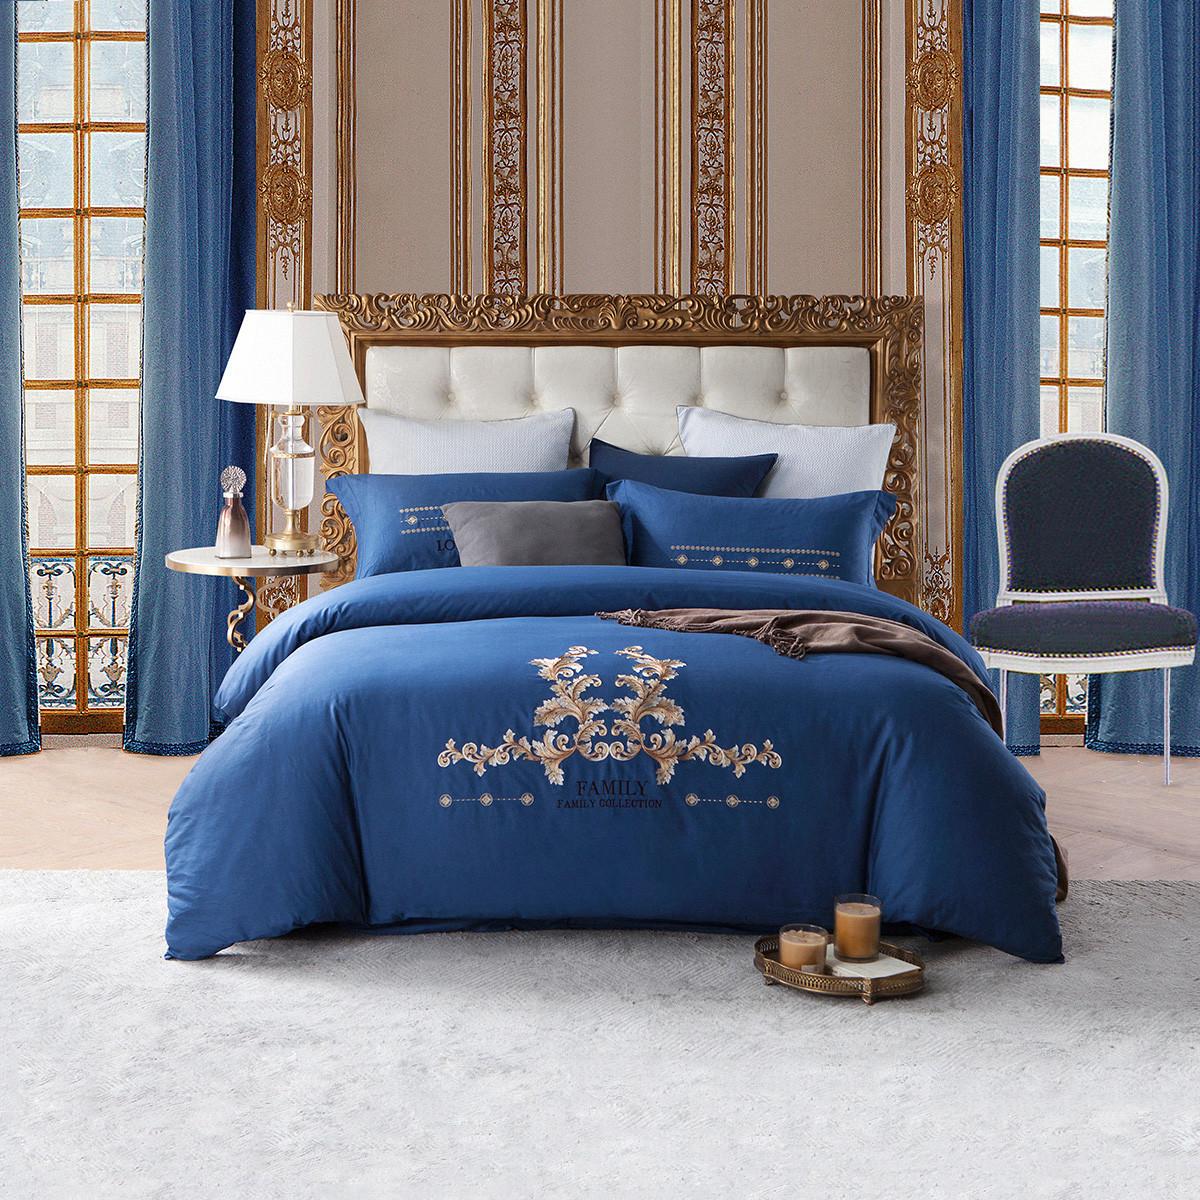 Ramada【年底清仓】秋冬绣花床上套件床上用品纯棉四件套床上套件四件套COLOR蓝色(绣花)